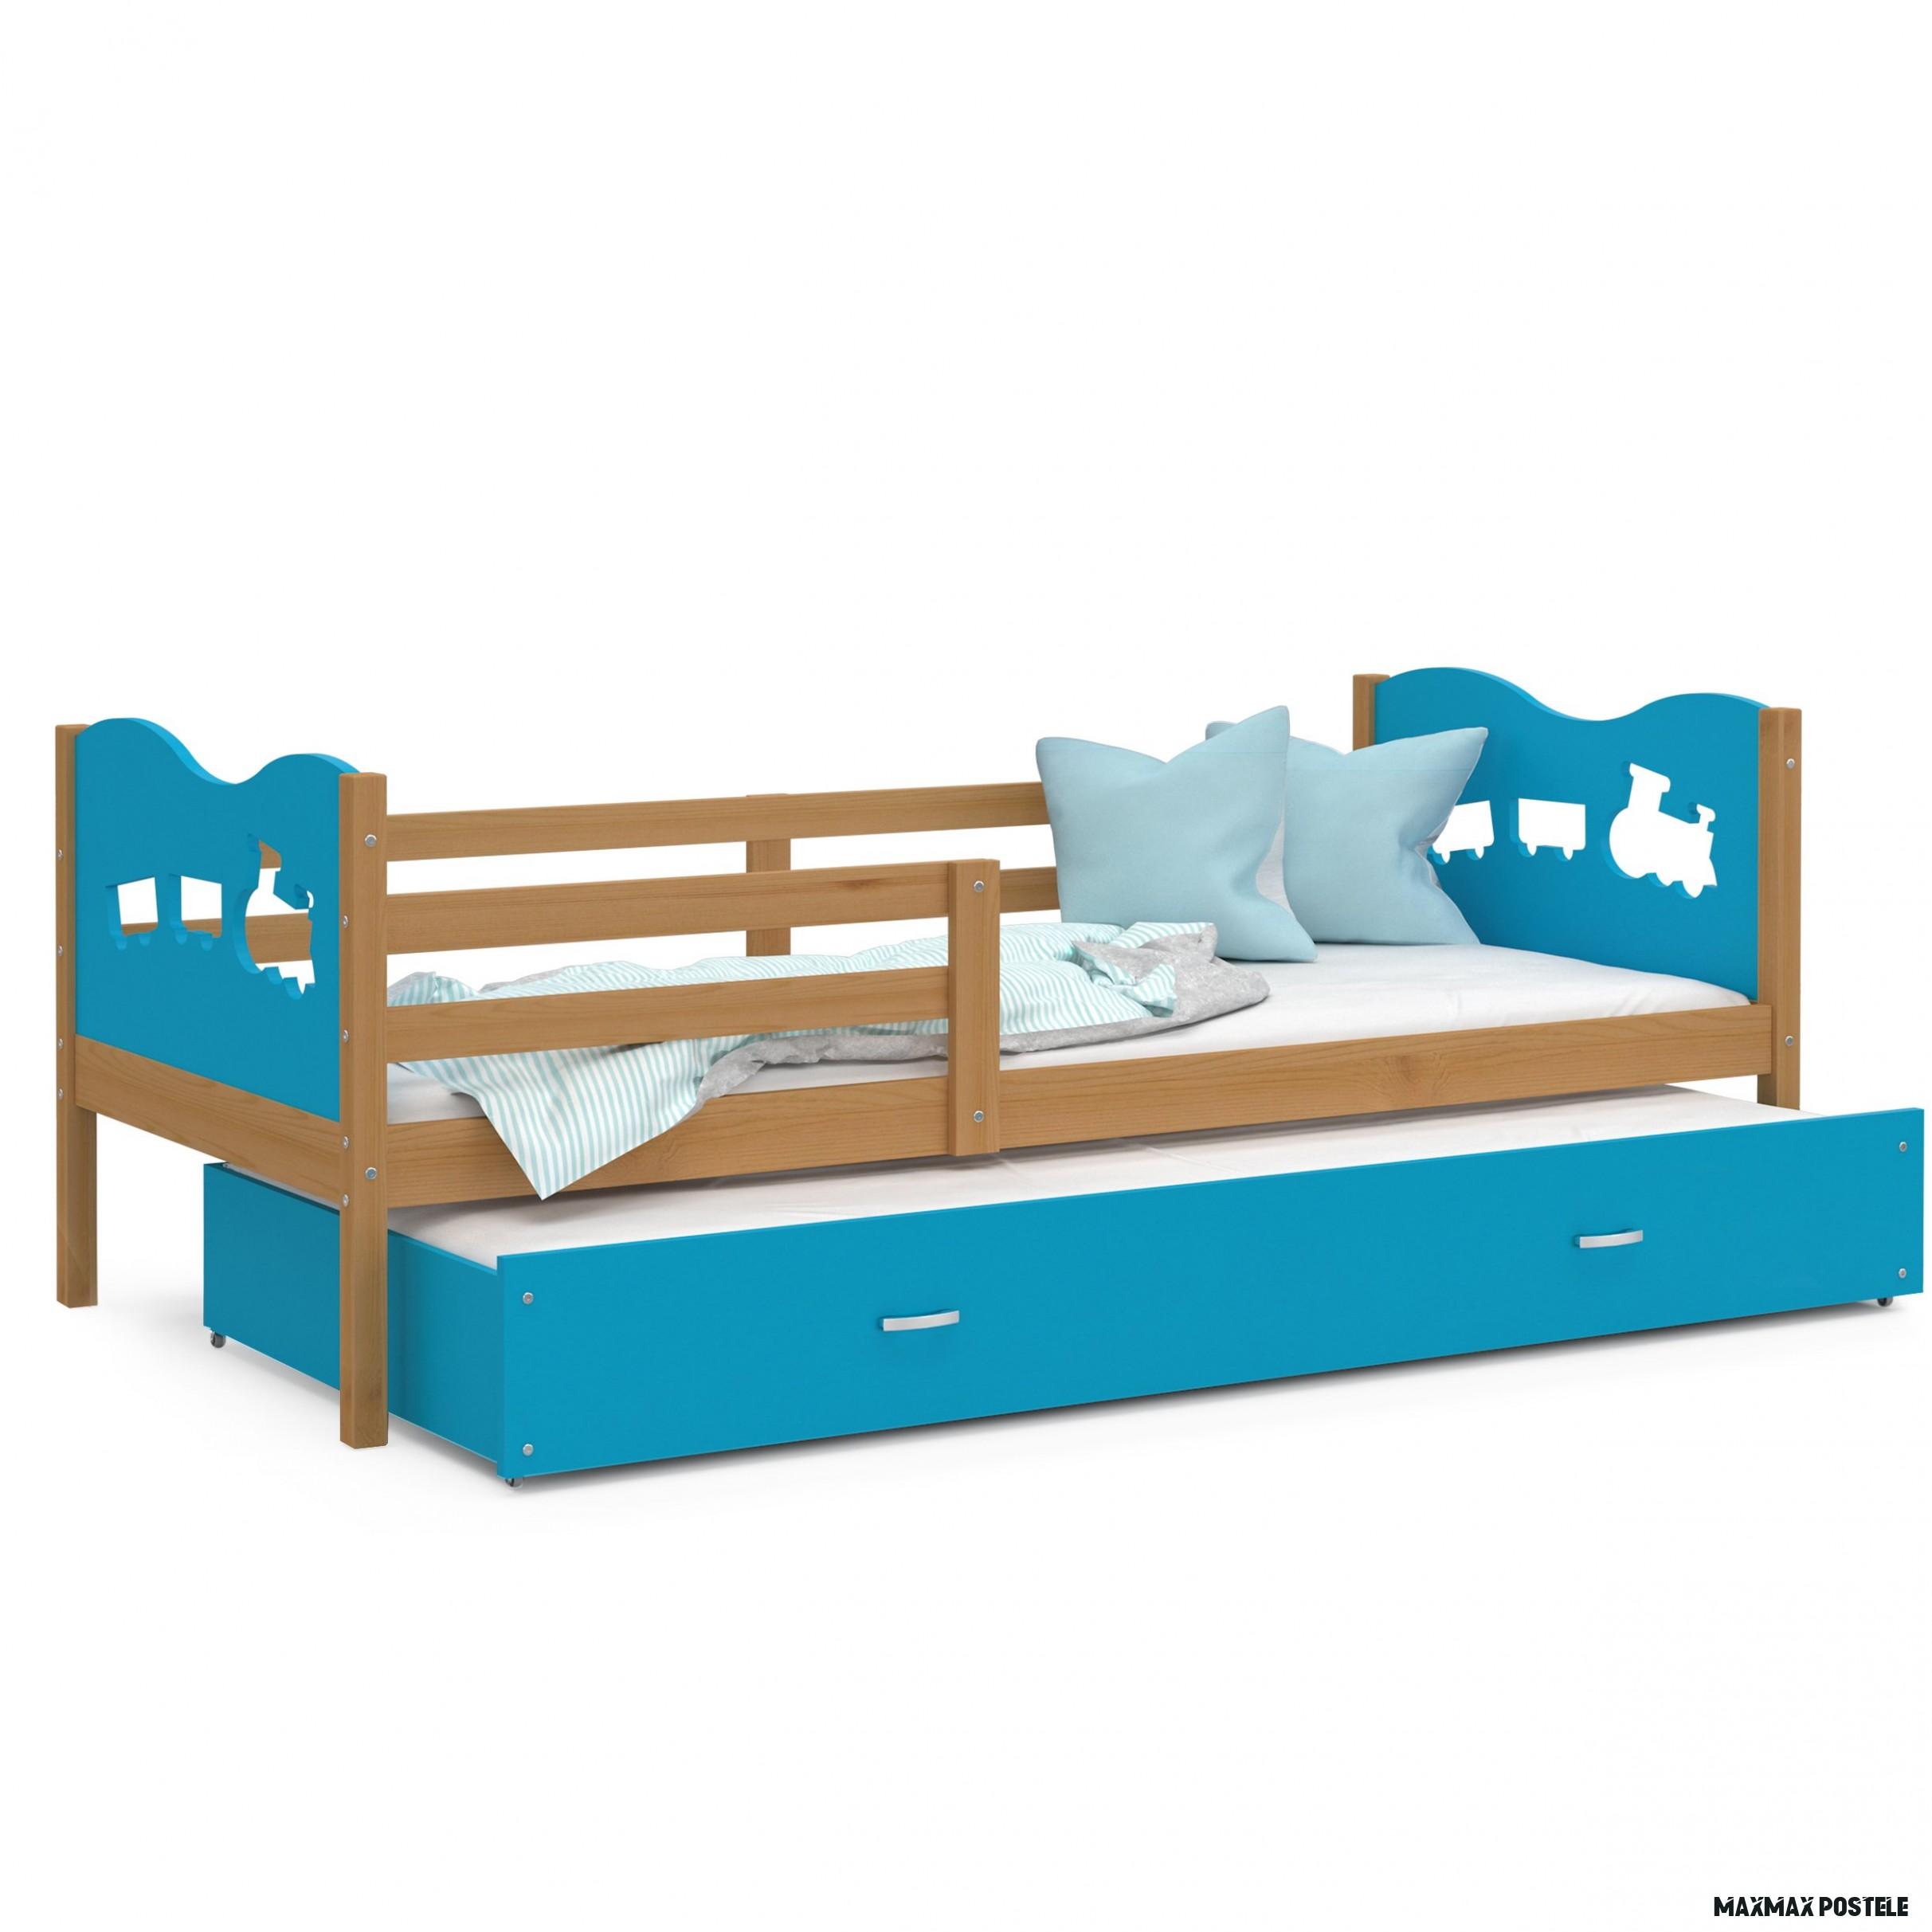 Dětská postel s přistýlkou MAX W - 18x18 cm - modrá/olše - vláček